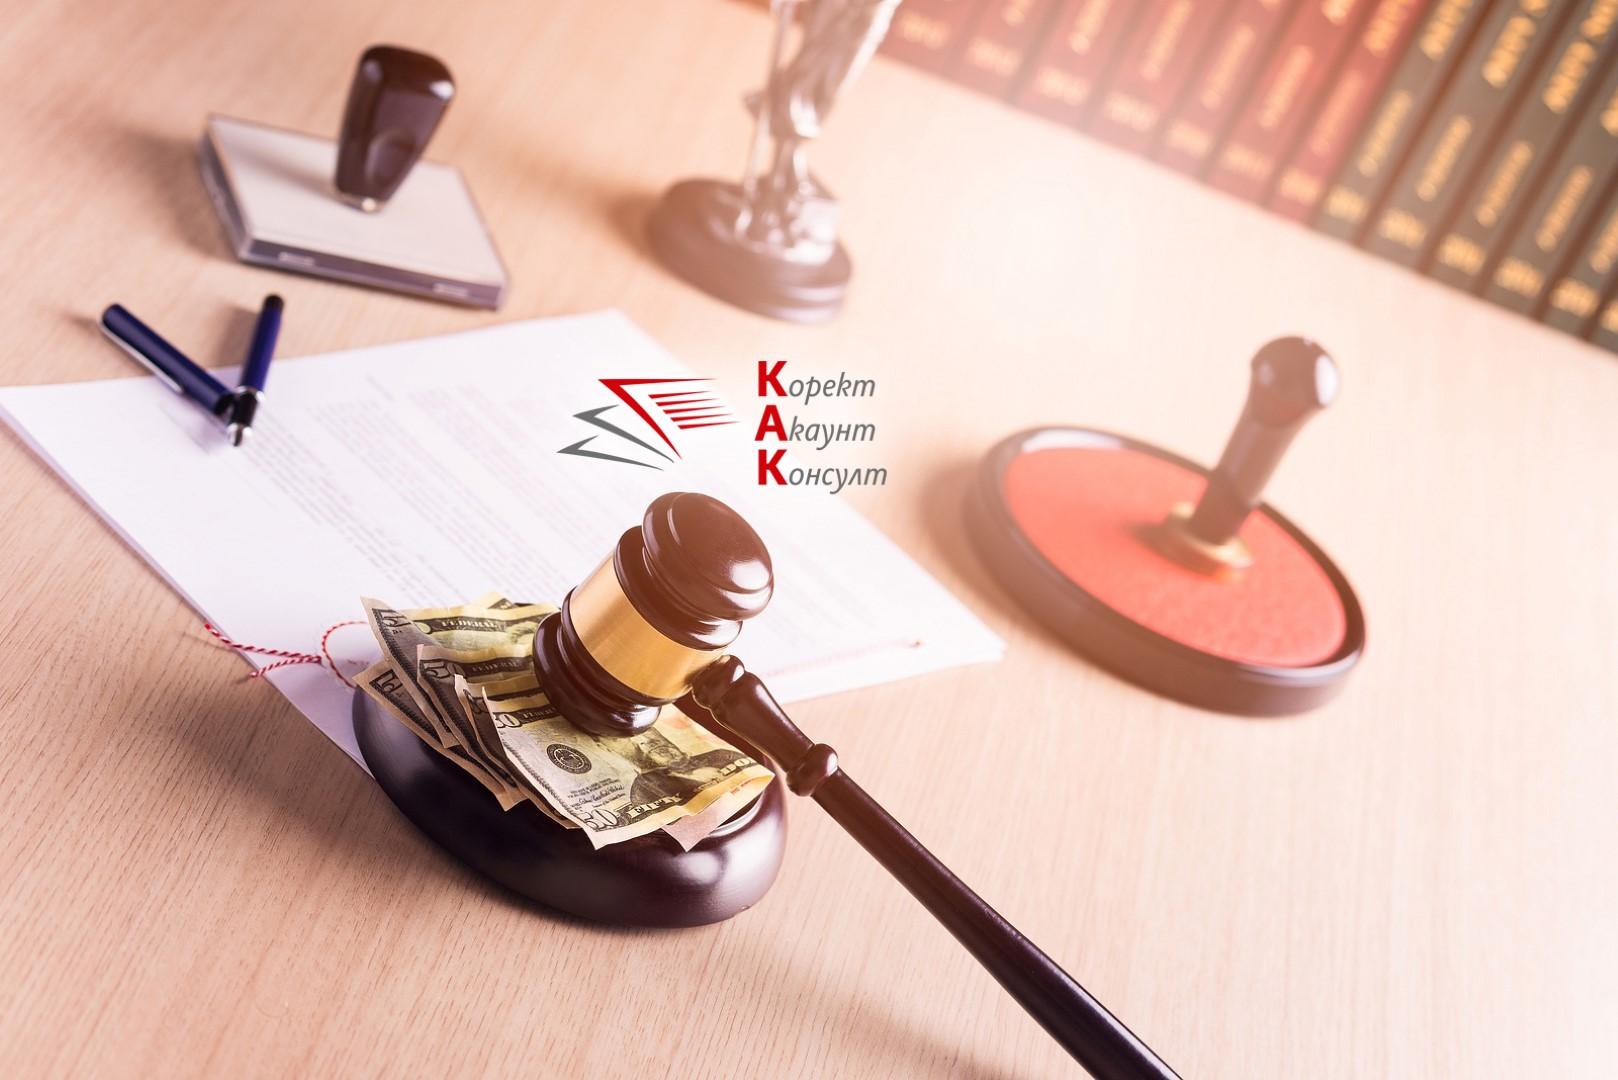 Разходи, платени от нотариус от името и за сметка на неговите клиентите. Данъчно третиране съгласно ЗДДС.